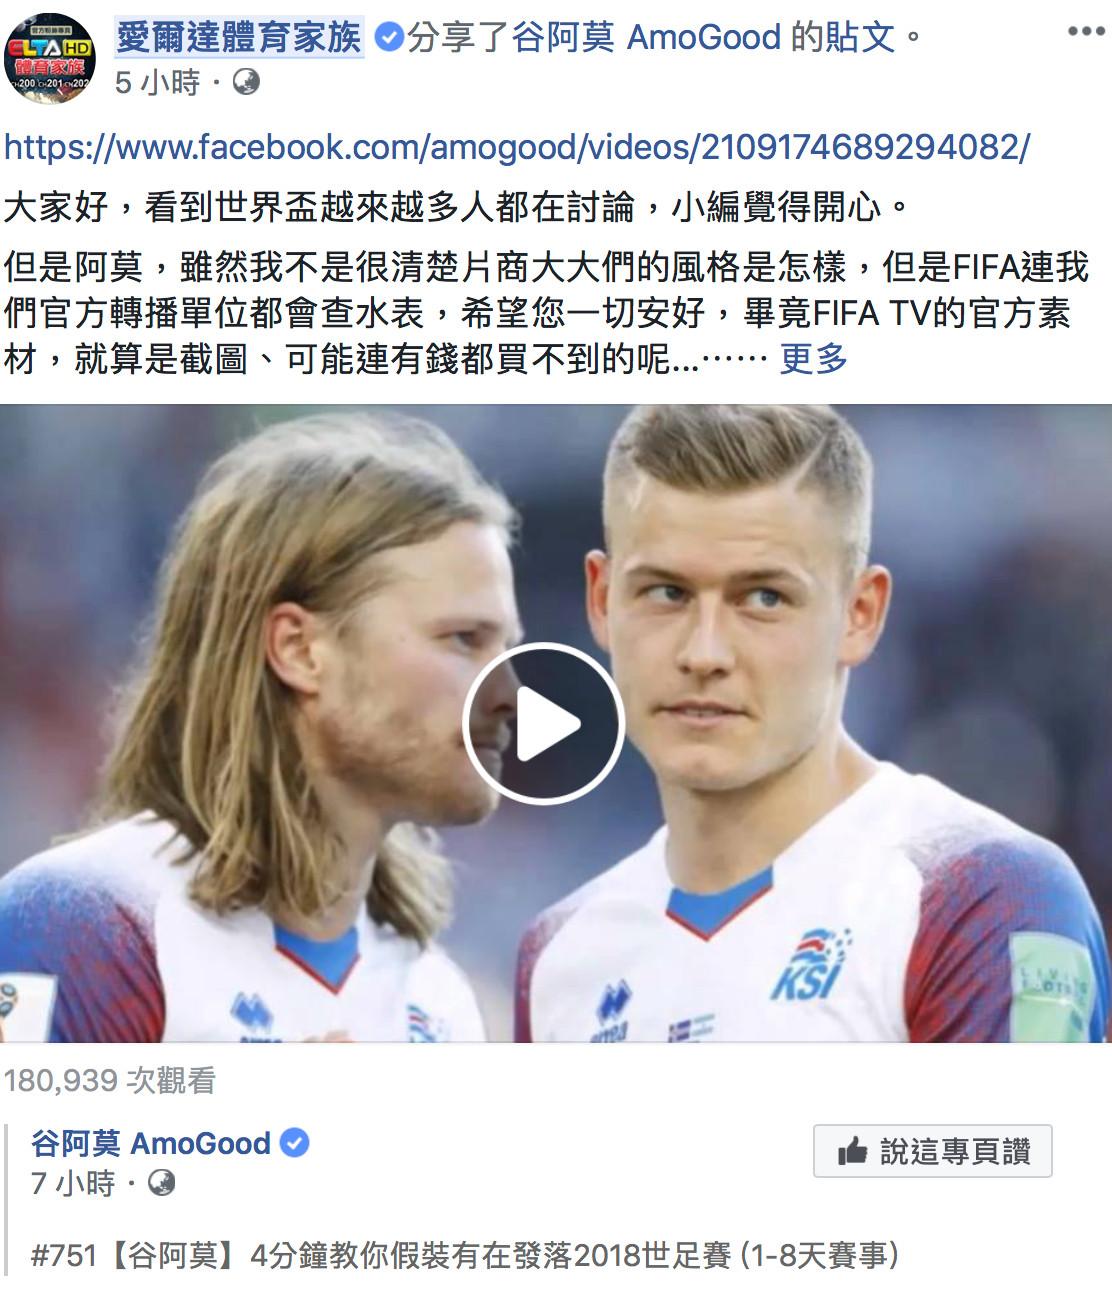 谷阿莫怕了! 挑戰世足FIFA二創「賠到脫褲」...深夜刪影片